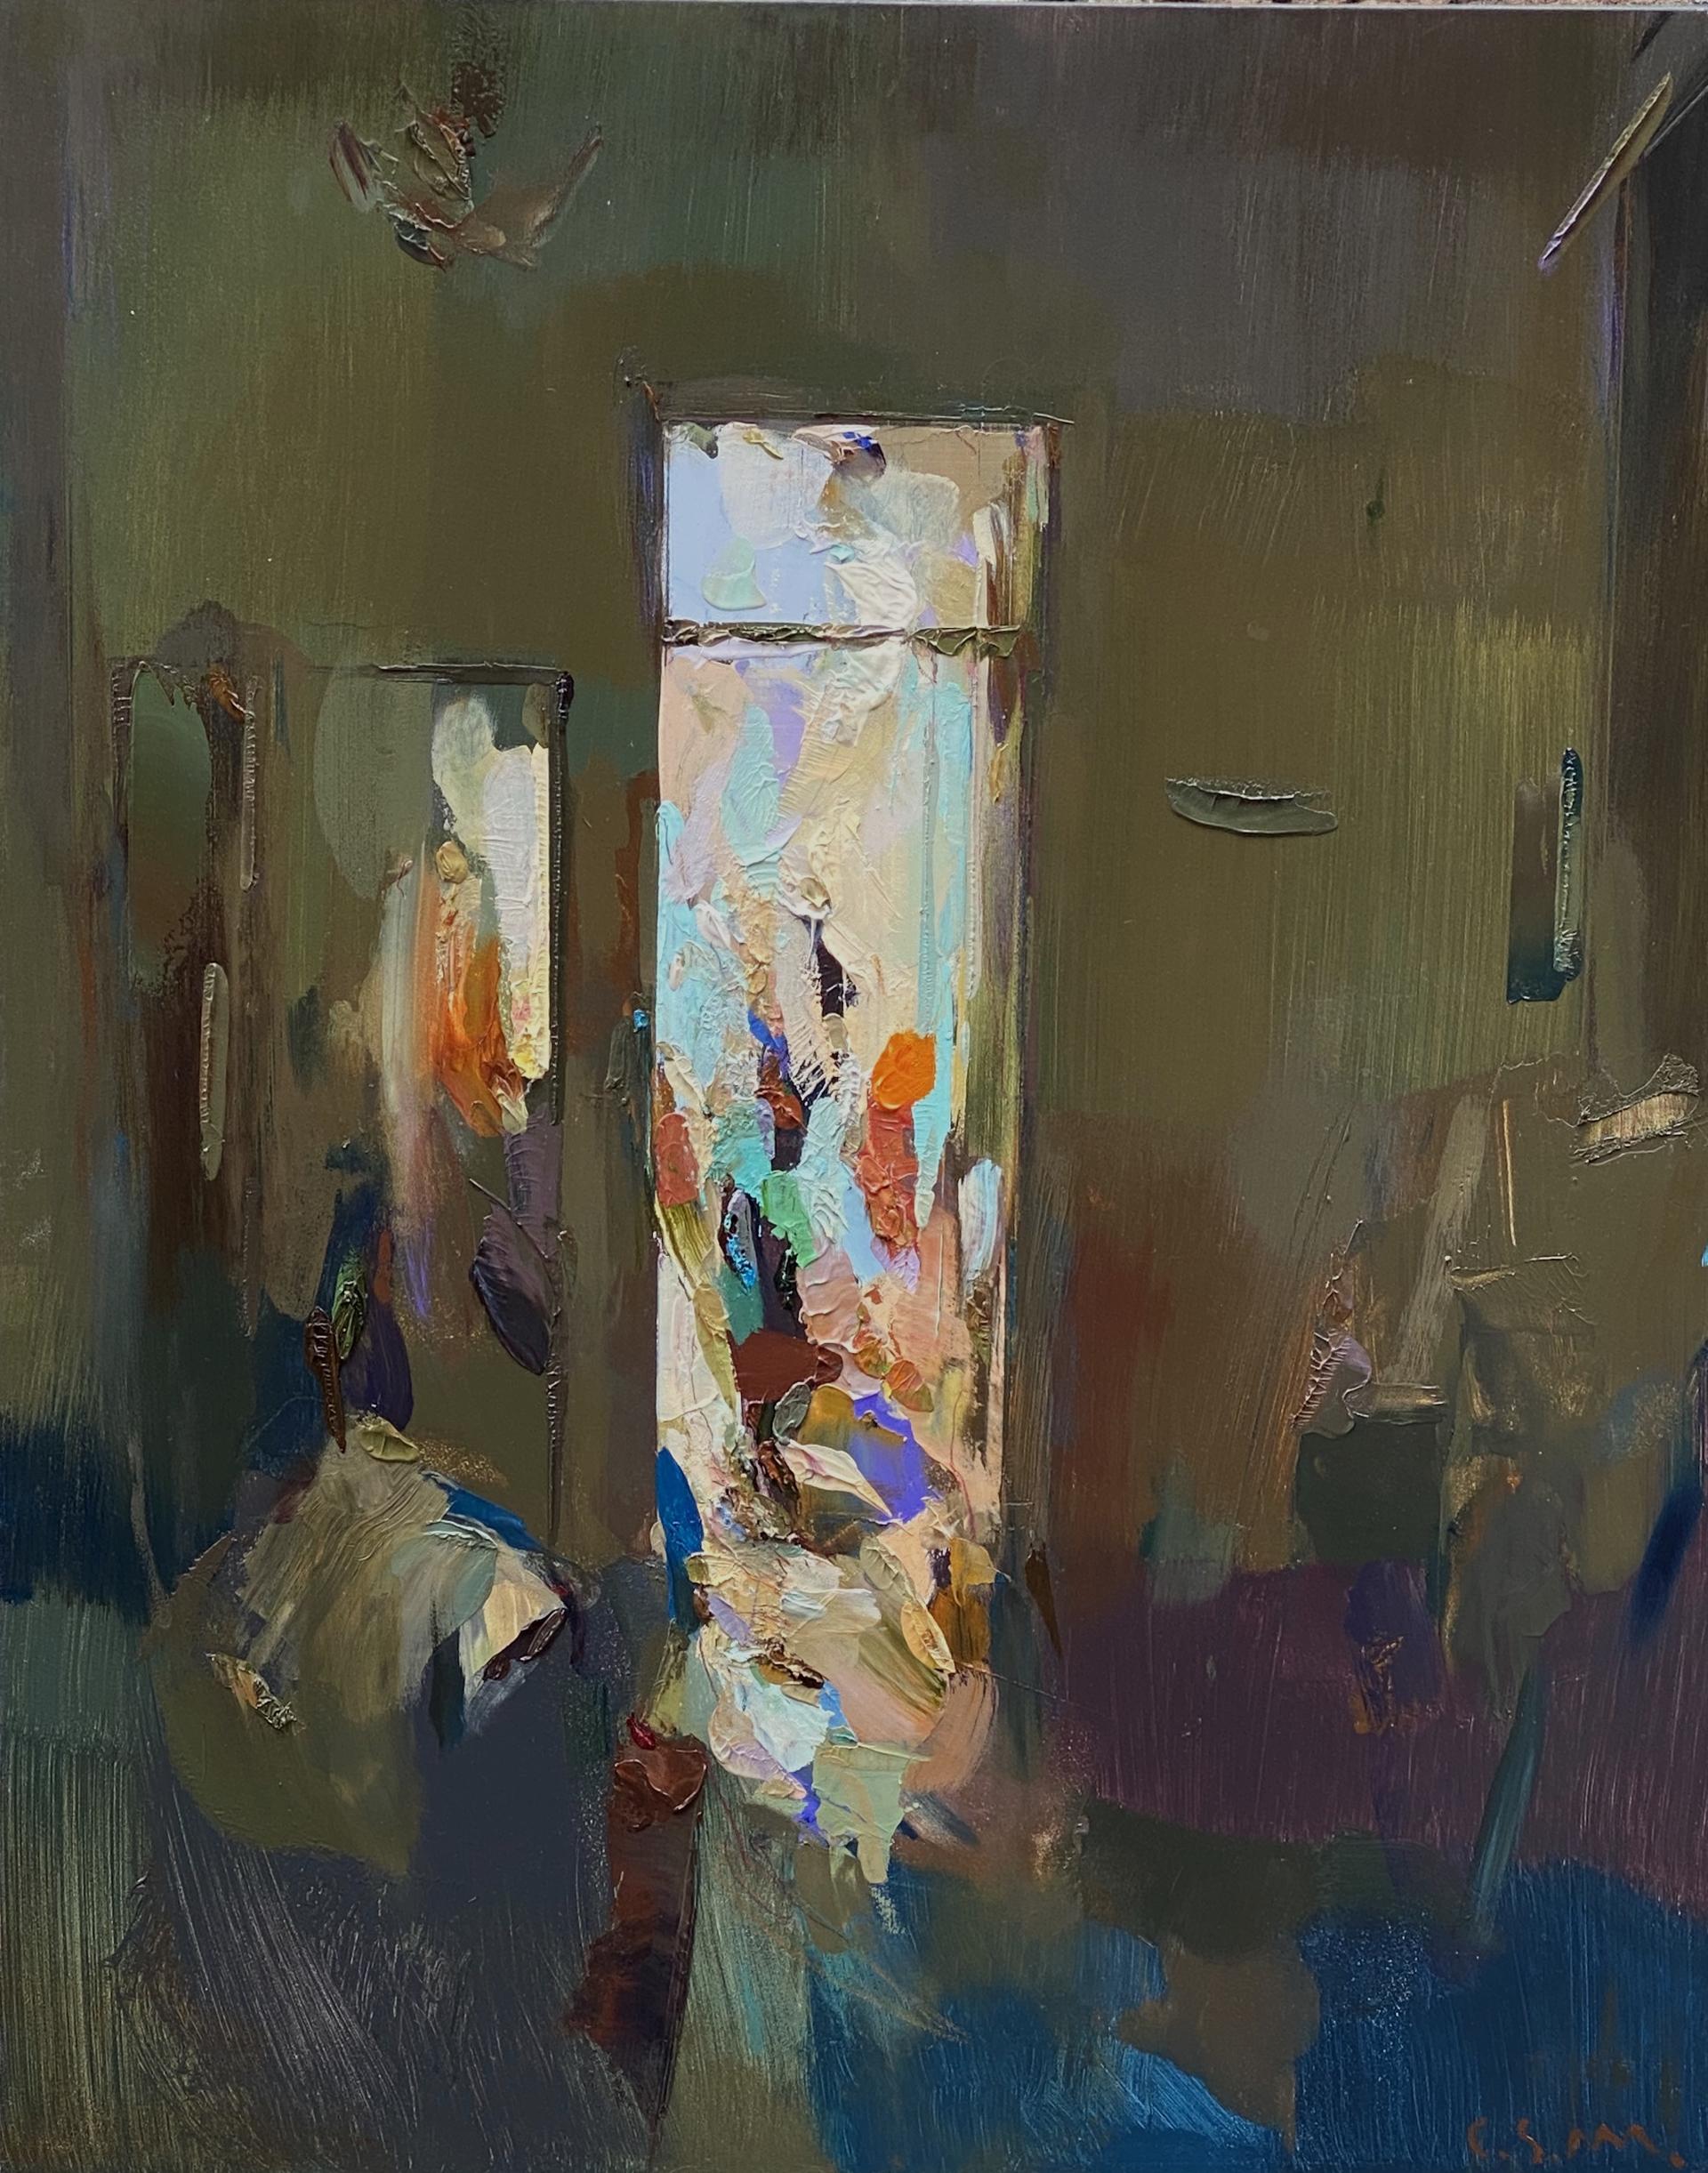 Interior #169 by Carlos San Millán